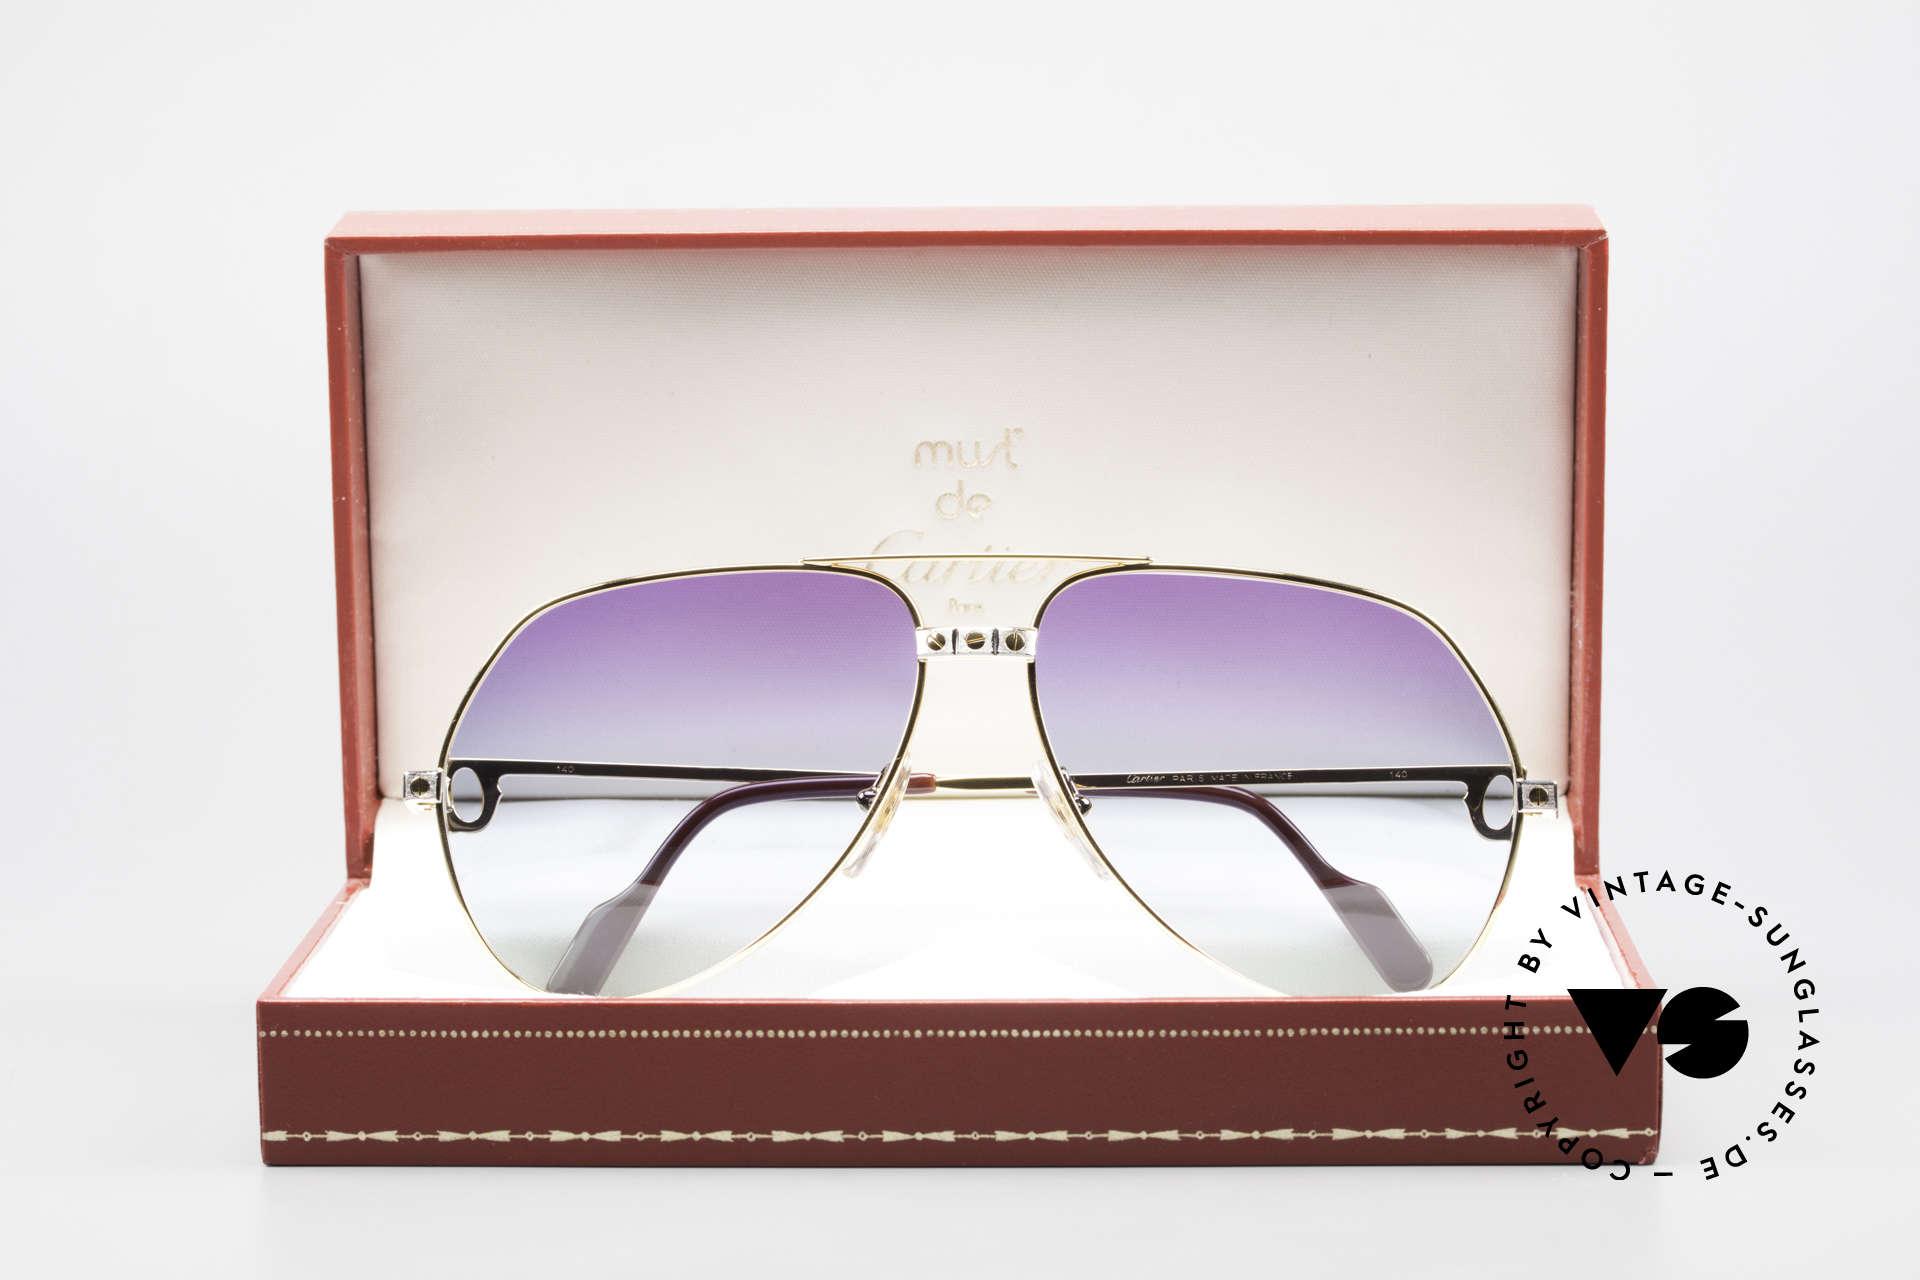 Cartier Vendome Santos - L Einzelstück Polarlicht Violett, KEINE Retrobrille, sondern ein altes vintage ORIGINAL!, Passend für Herren